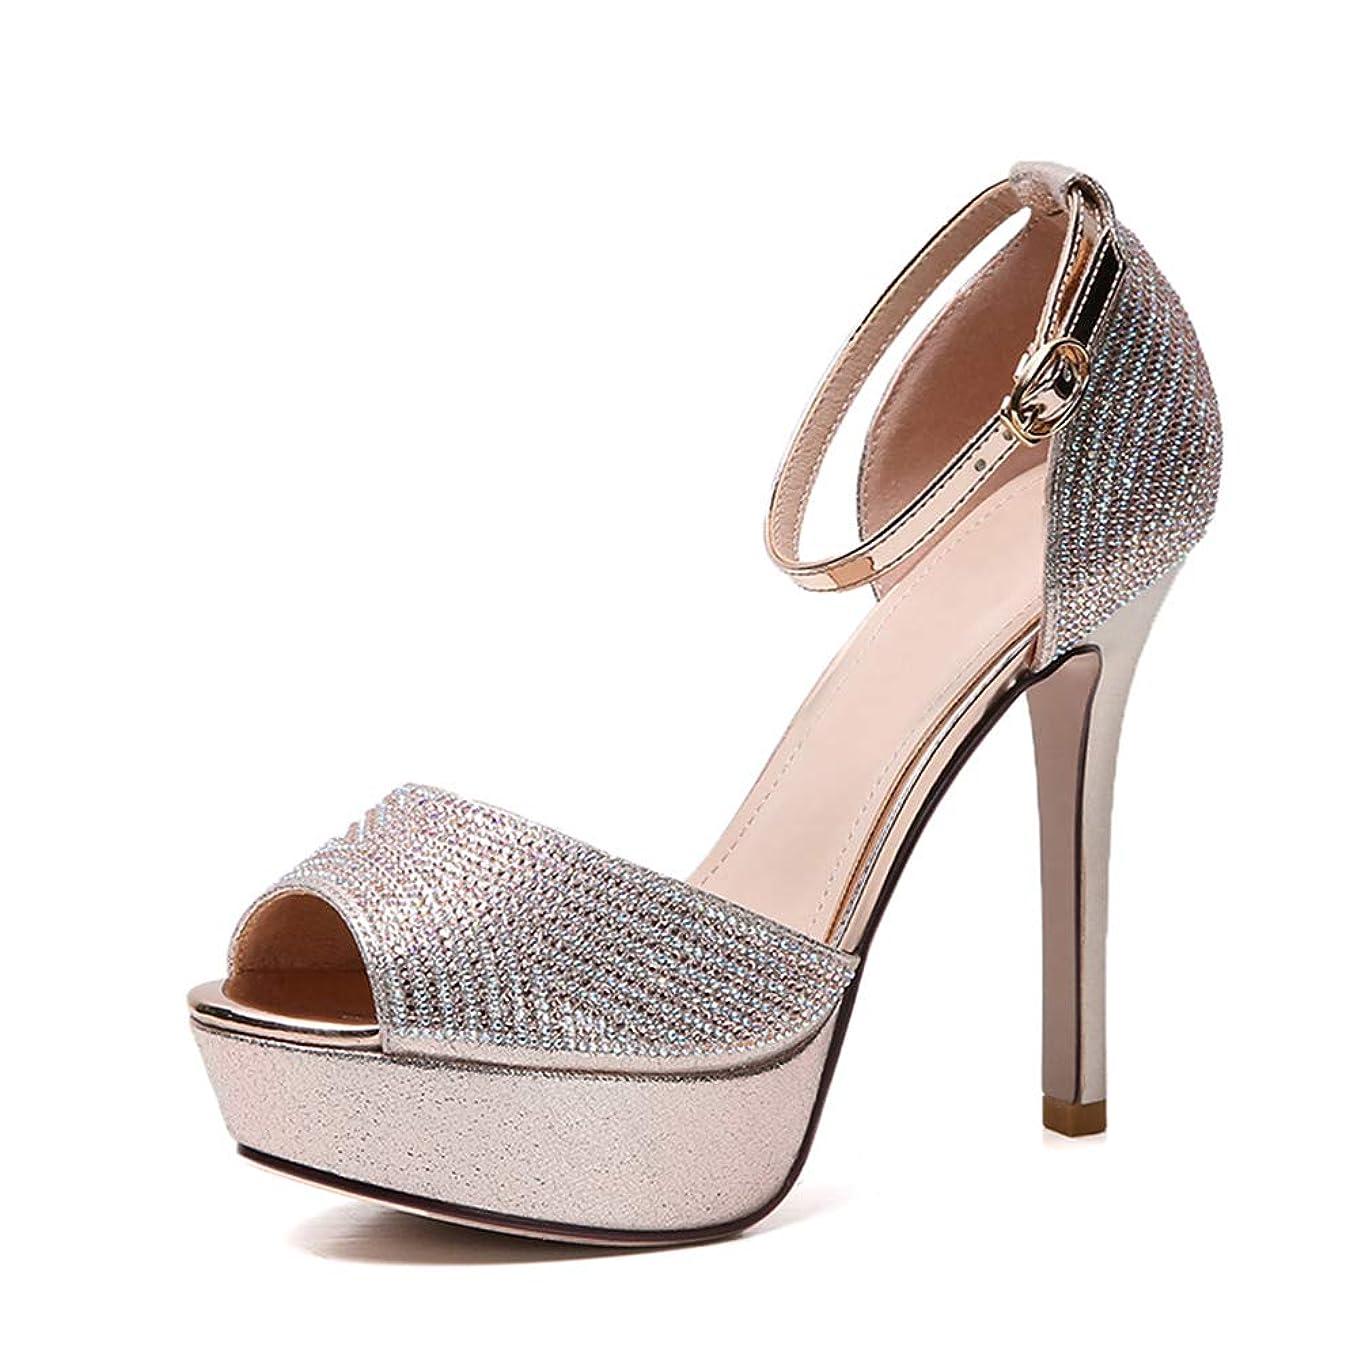 フランクワースリー解く難しい女性のハイヒールのサンダル新しい夏のスティレットシューズピープトウ/ラインストーンナイトクラブセクシーな靴結婚式のパーティー & イブニングゴールドシルバー,Gold,39